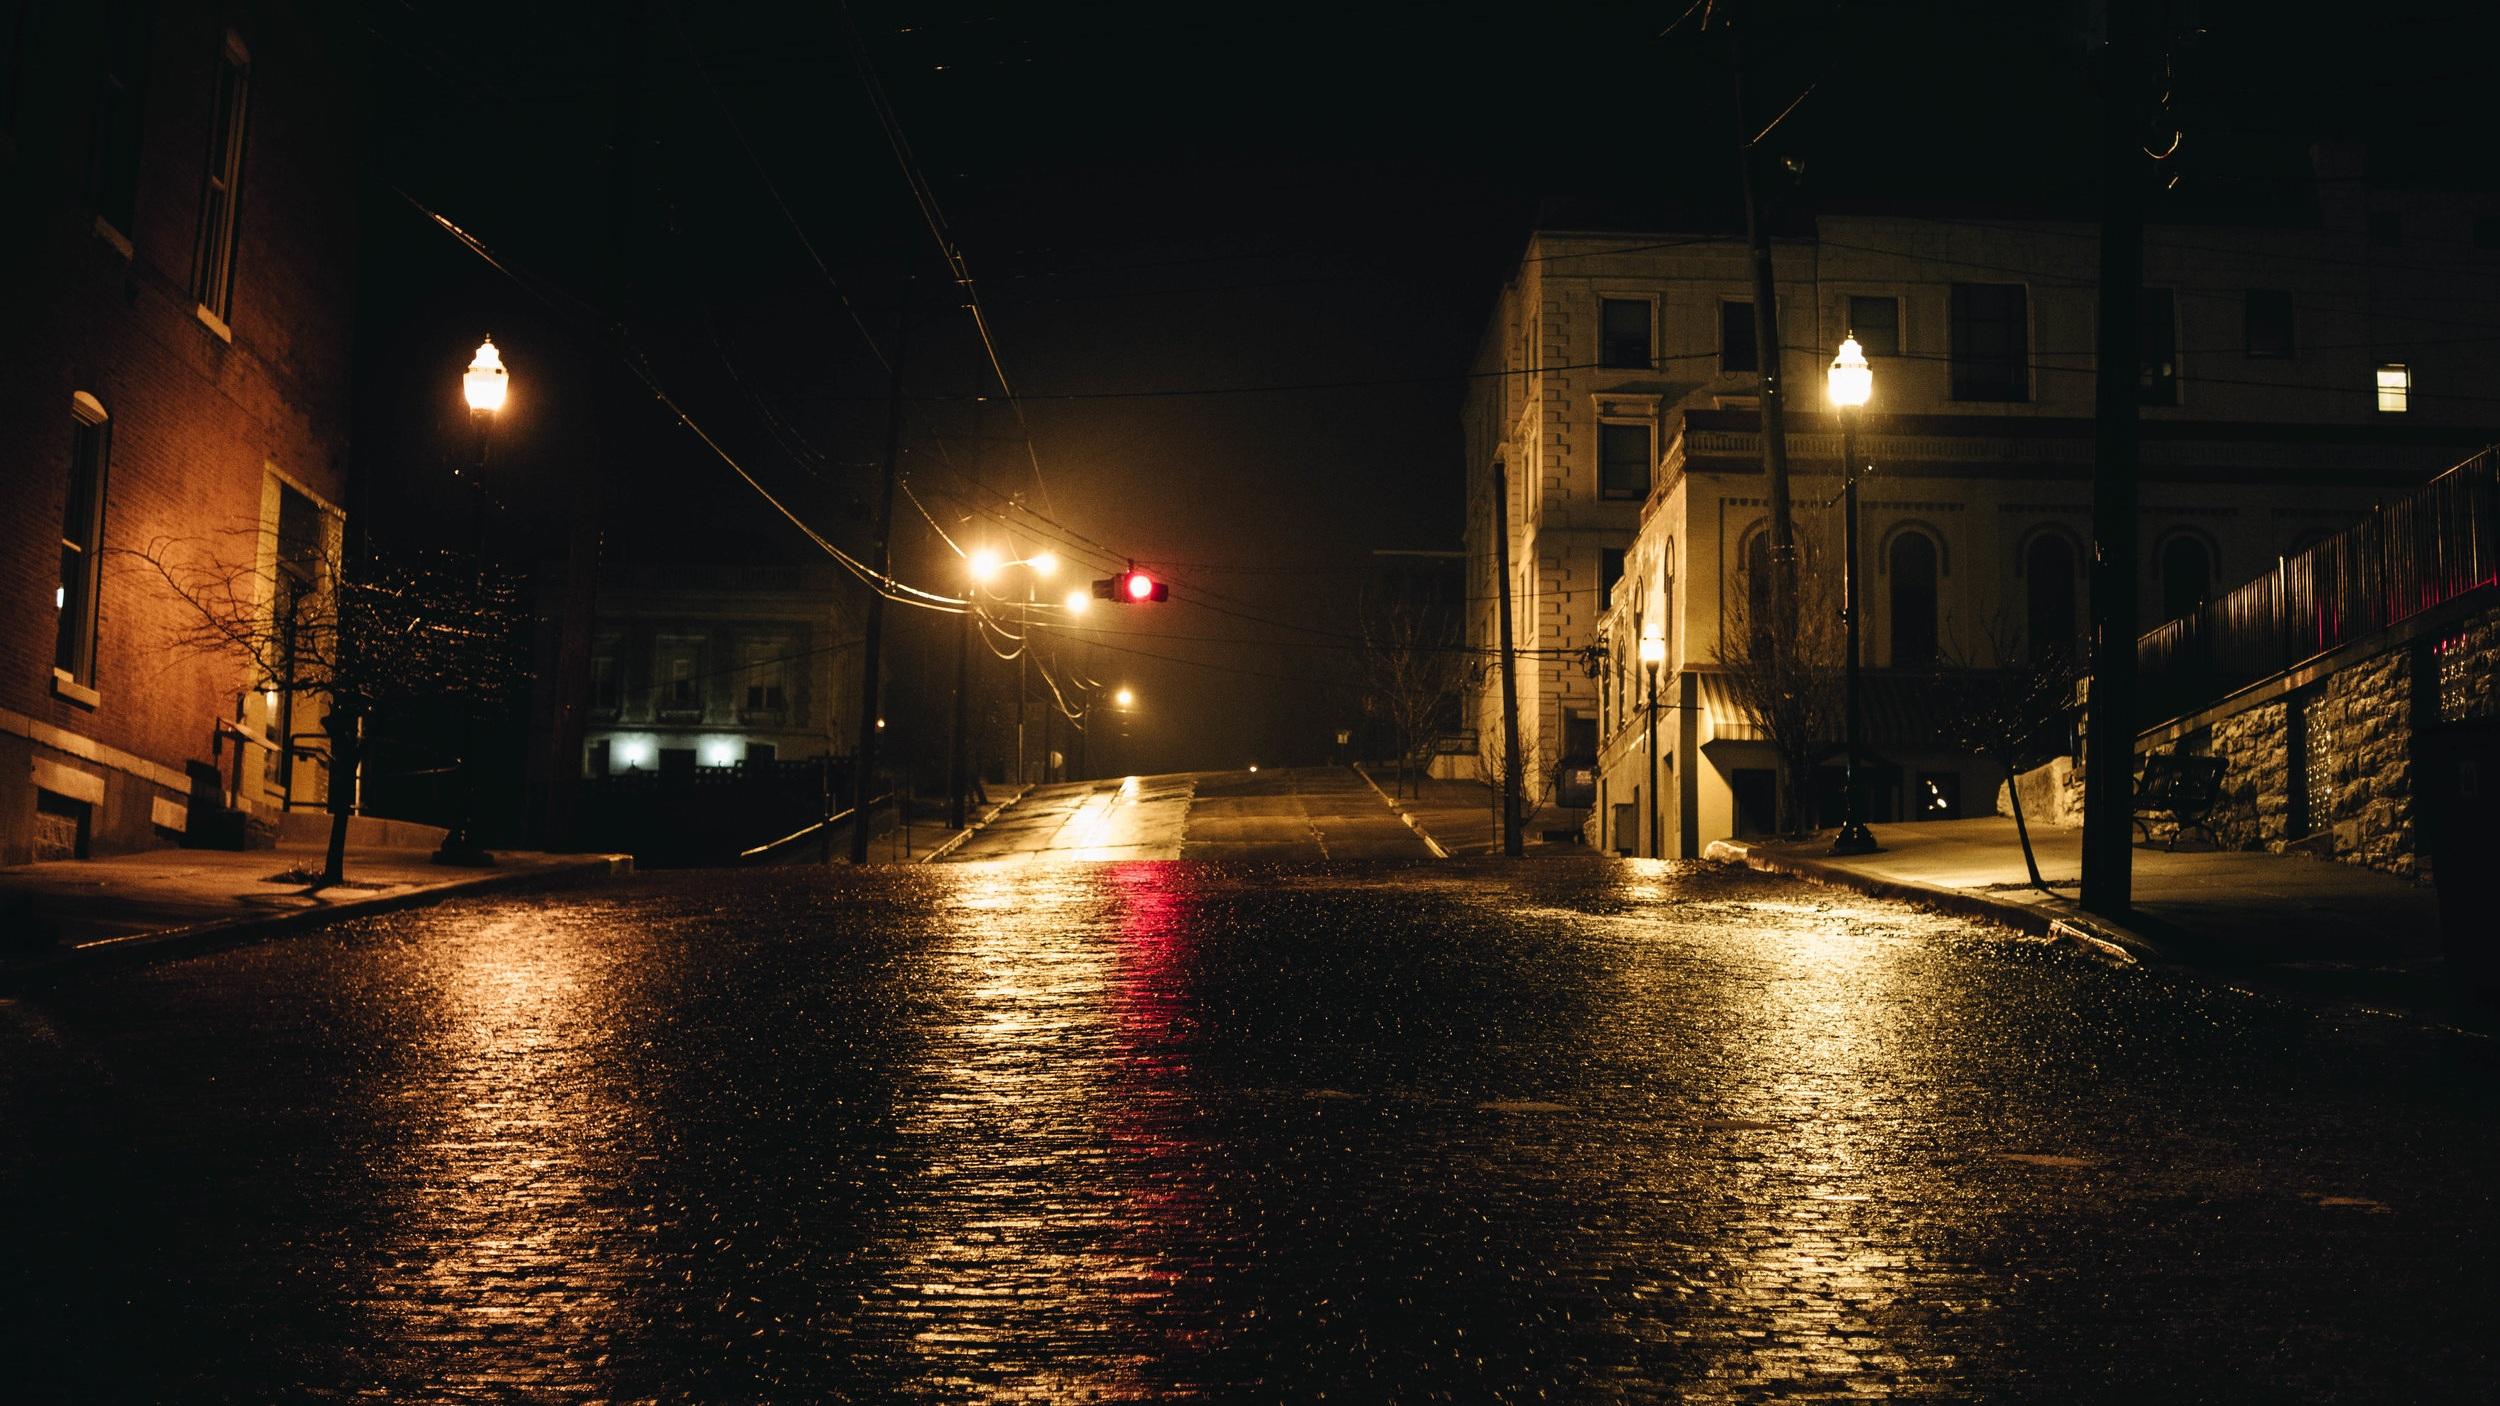 Lantern Network - Alton, IL